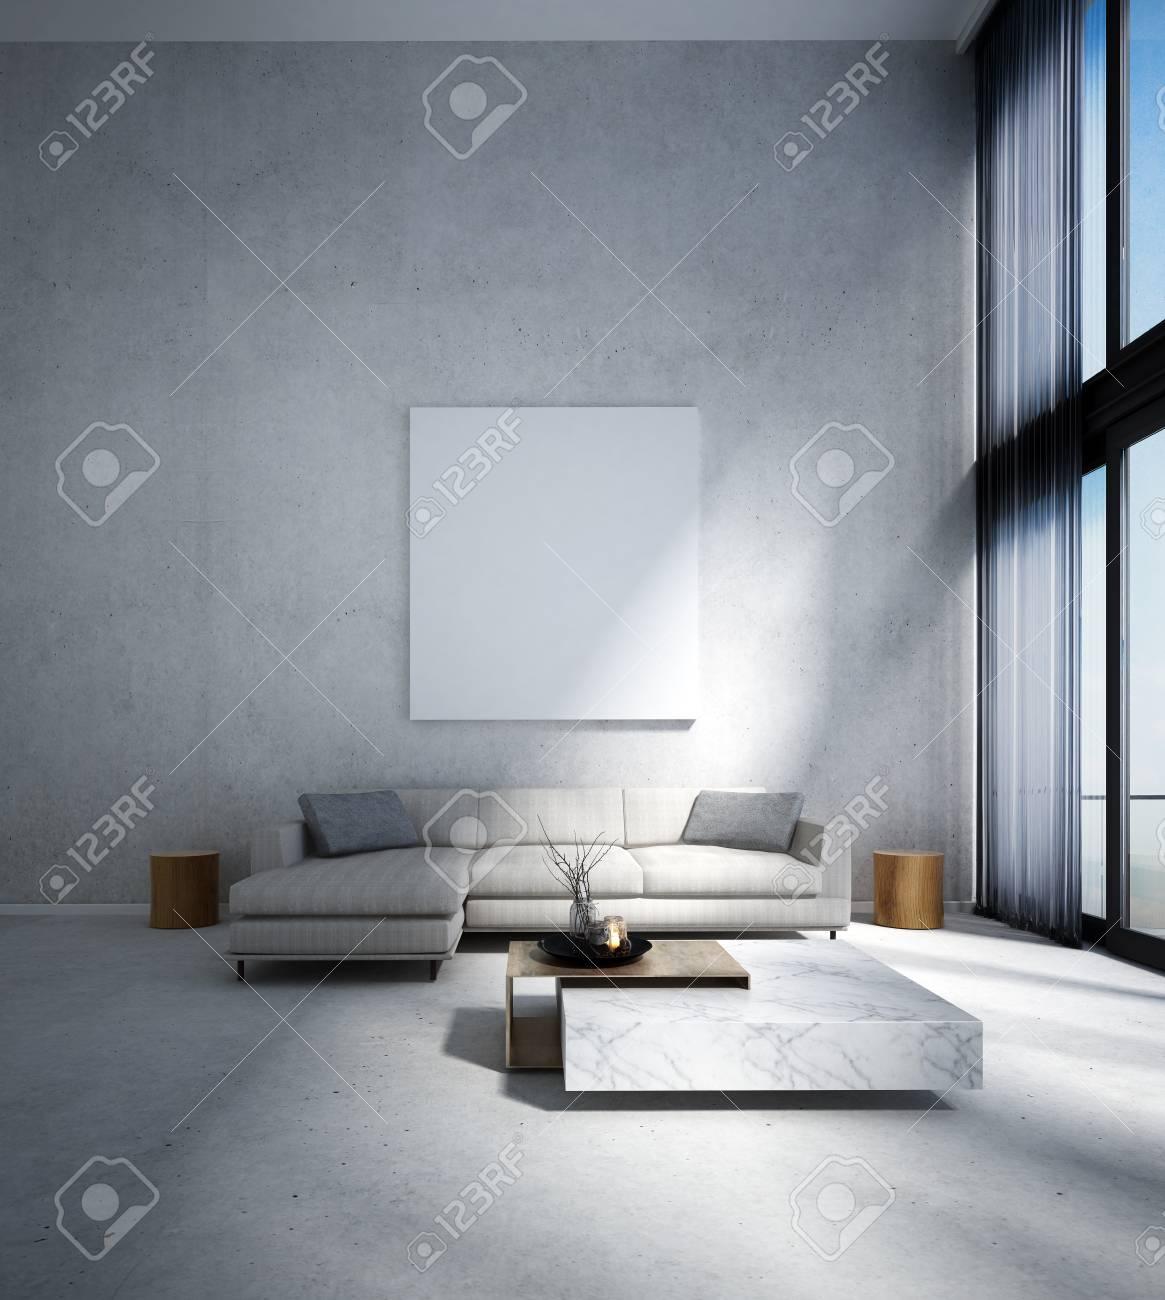 Le salon moderne et le double espace salon design intérieur et fond de mur  en béton